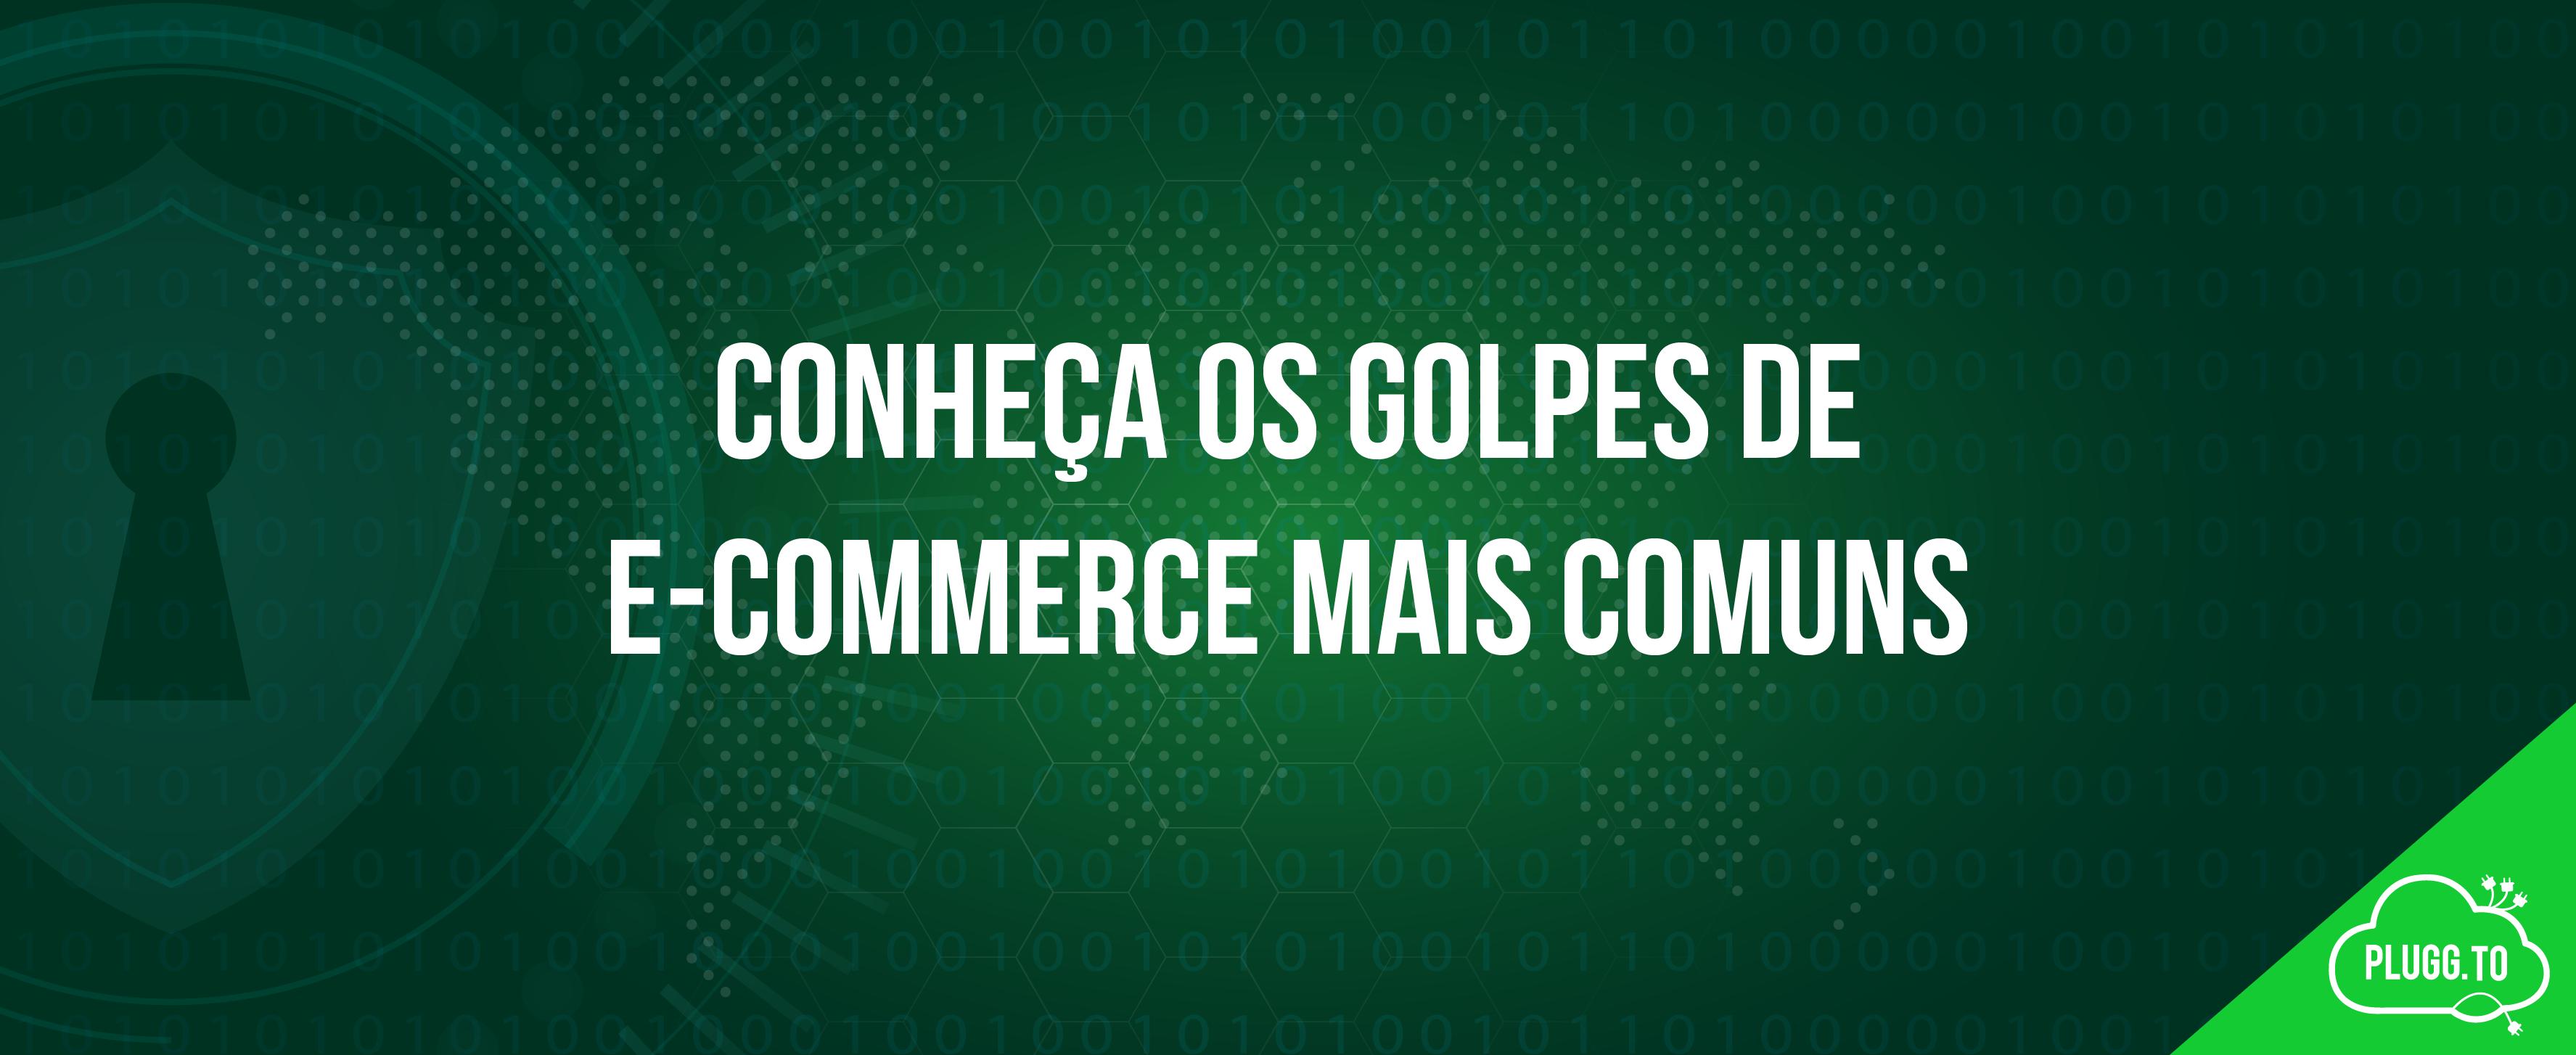 Conheça os golpes de e-commerce mais comuns